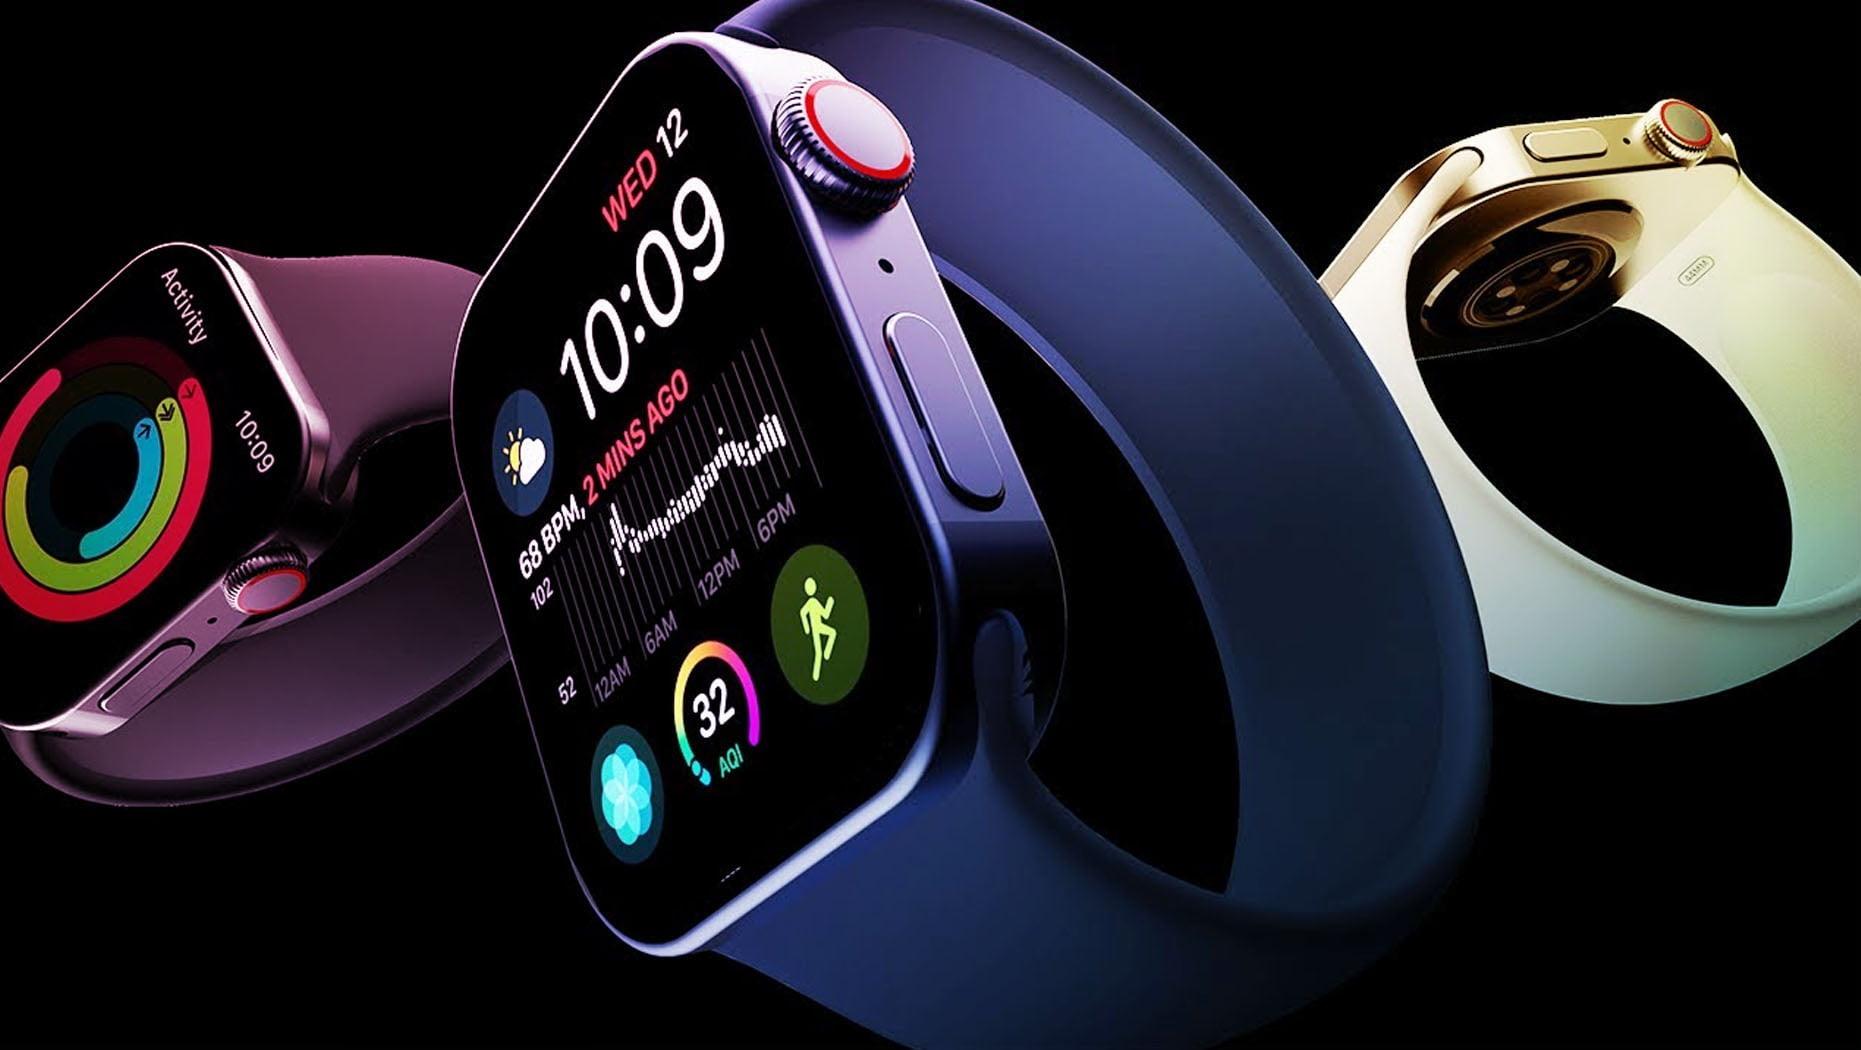 Apple Watch Series 7 có thể sẽ có các cạnh bên vuông góc. Ảnh: www.dailyresearchplot.com